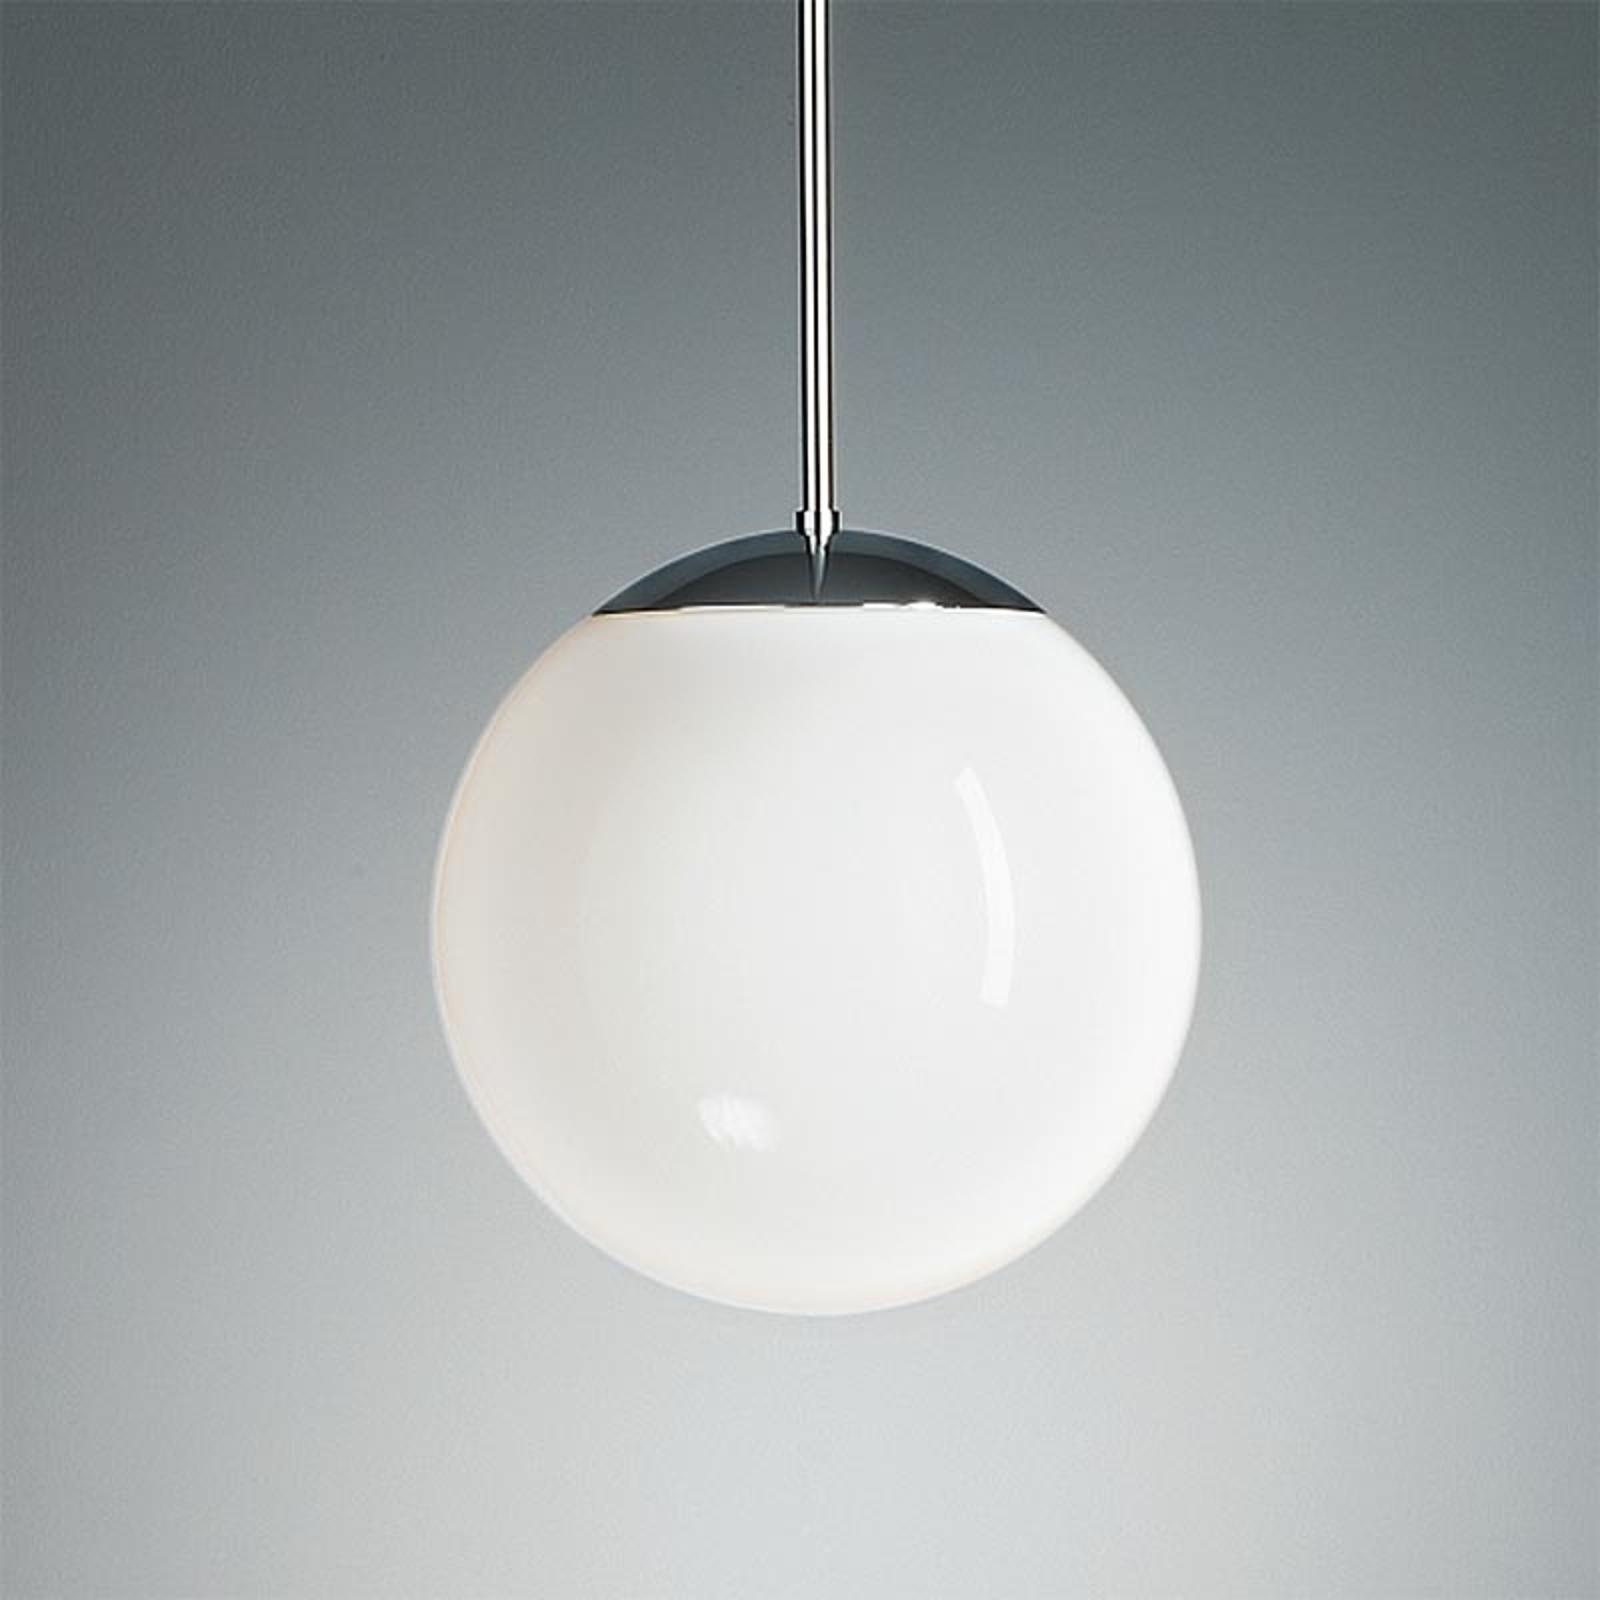 Suspension chromée à boule opale 20 cm